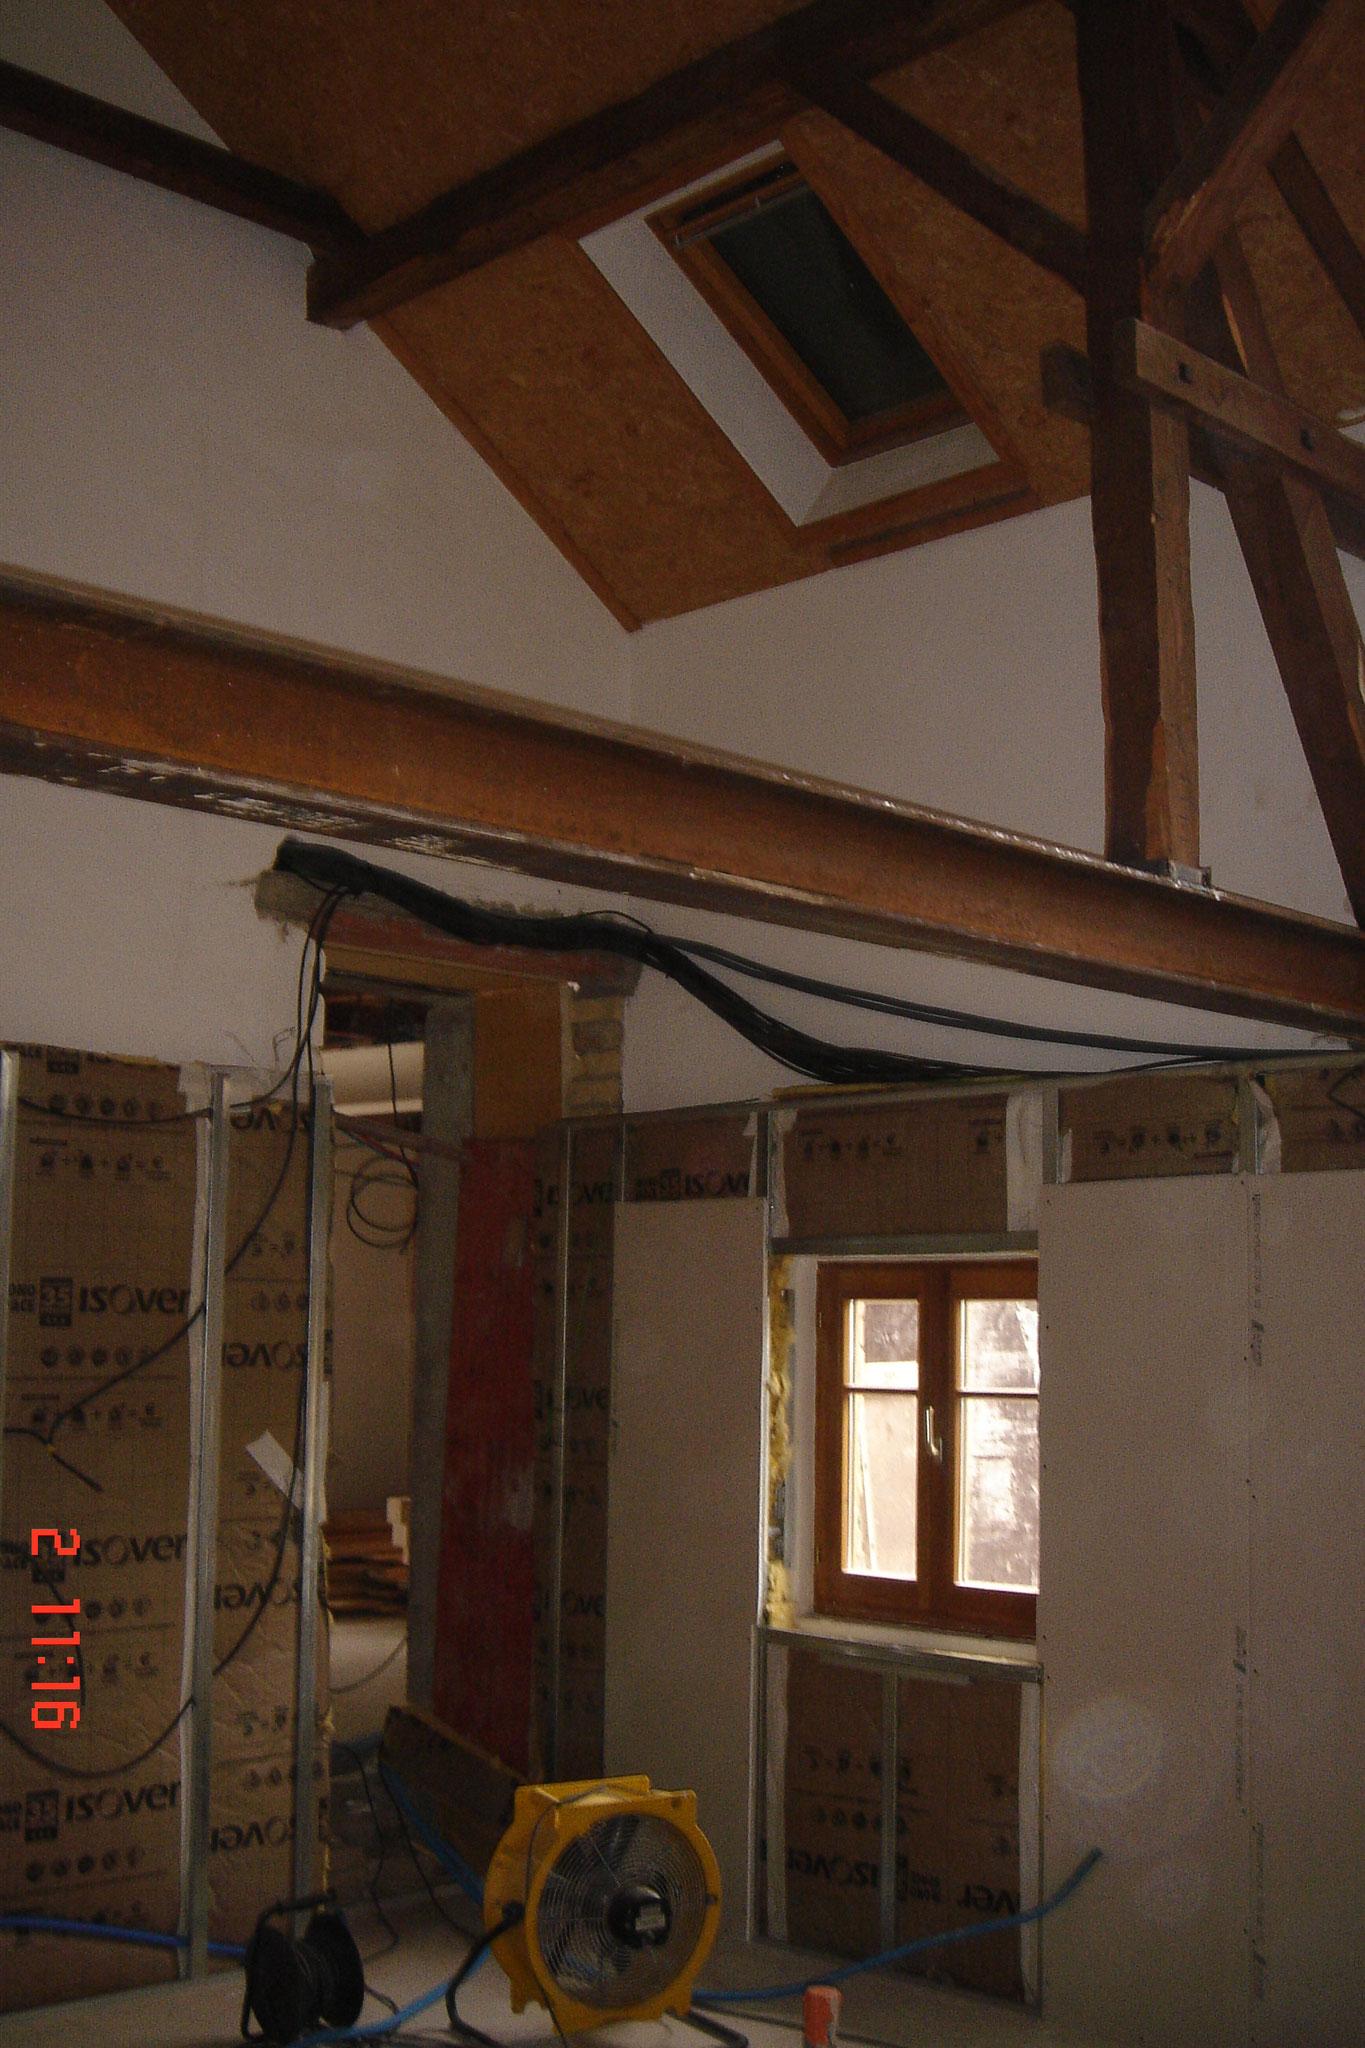 pose Optima Murs permet à la fois une isolation thermique et acoustique des murs par l'intérieur Robertsau 67 Activ Renovation